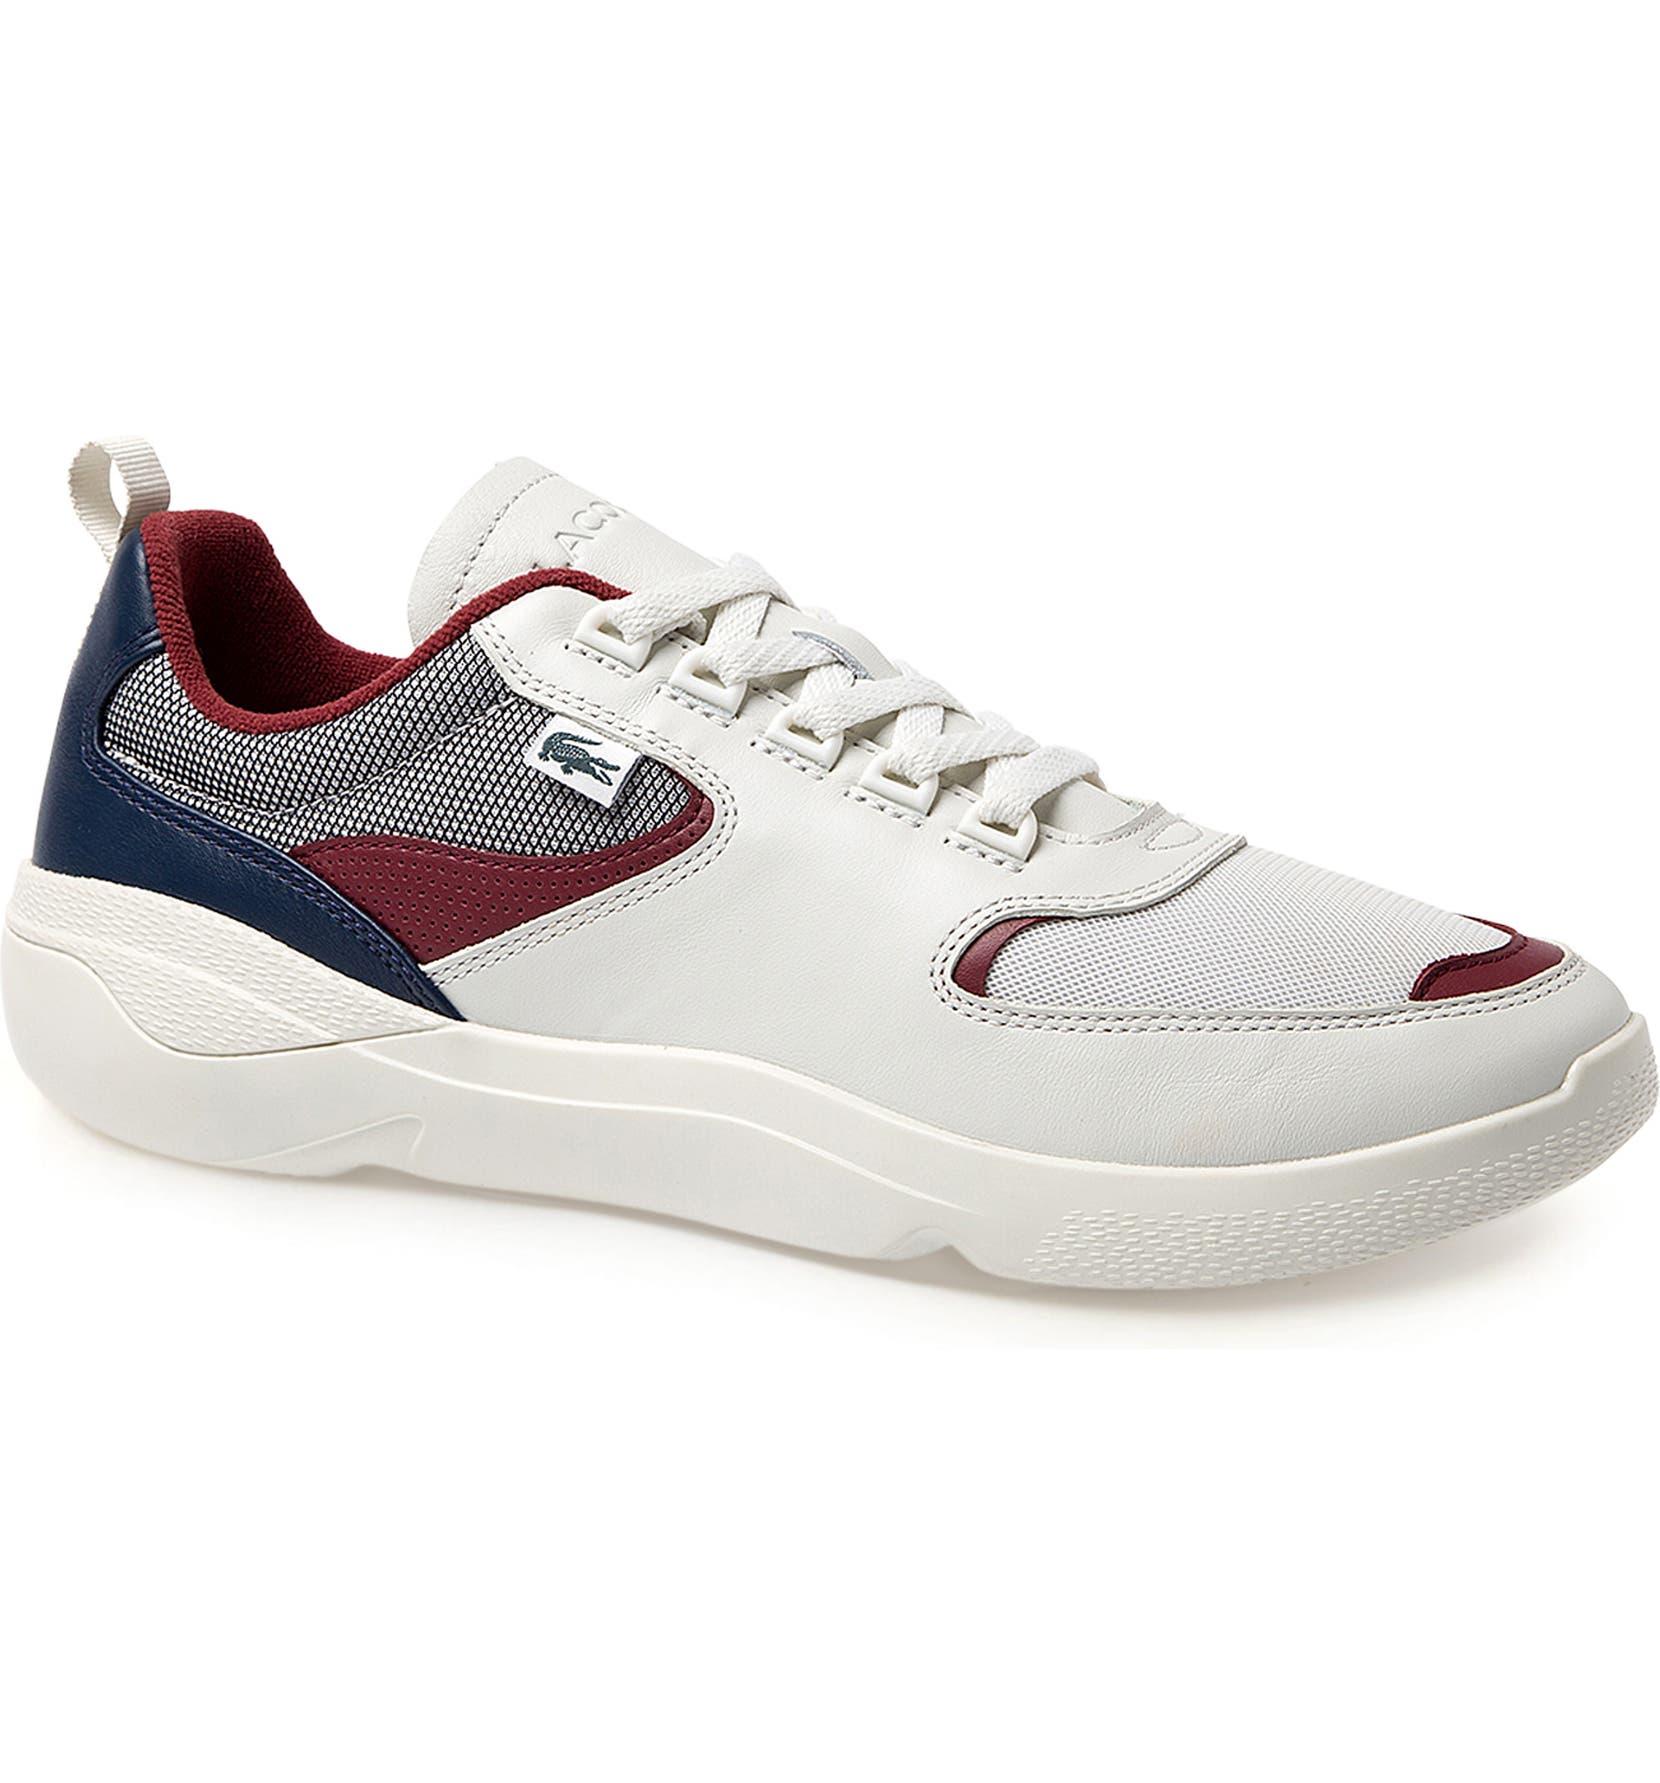 9a5b6249d Lacoste Wildcard 119 Sneaker (Men)